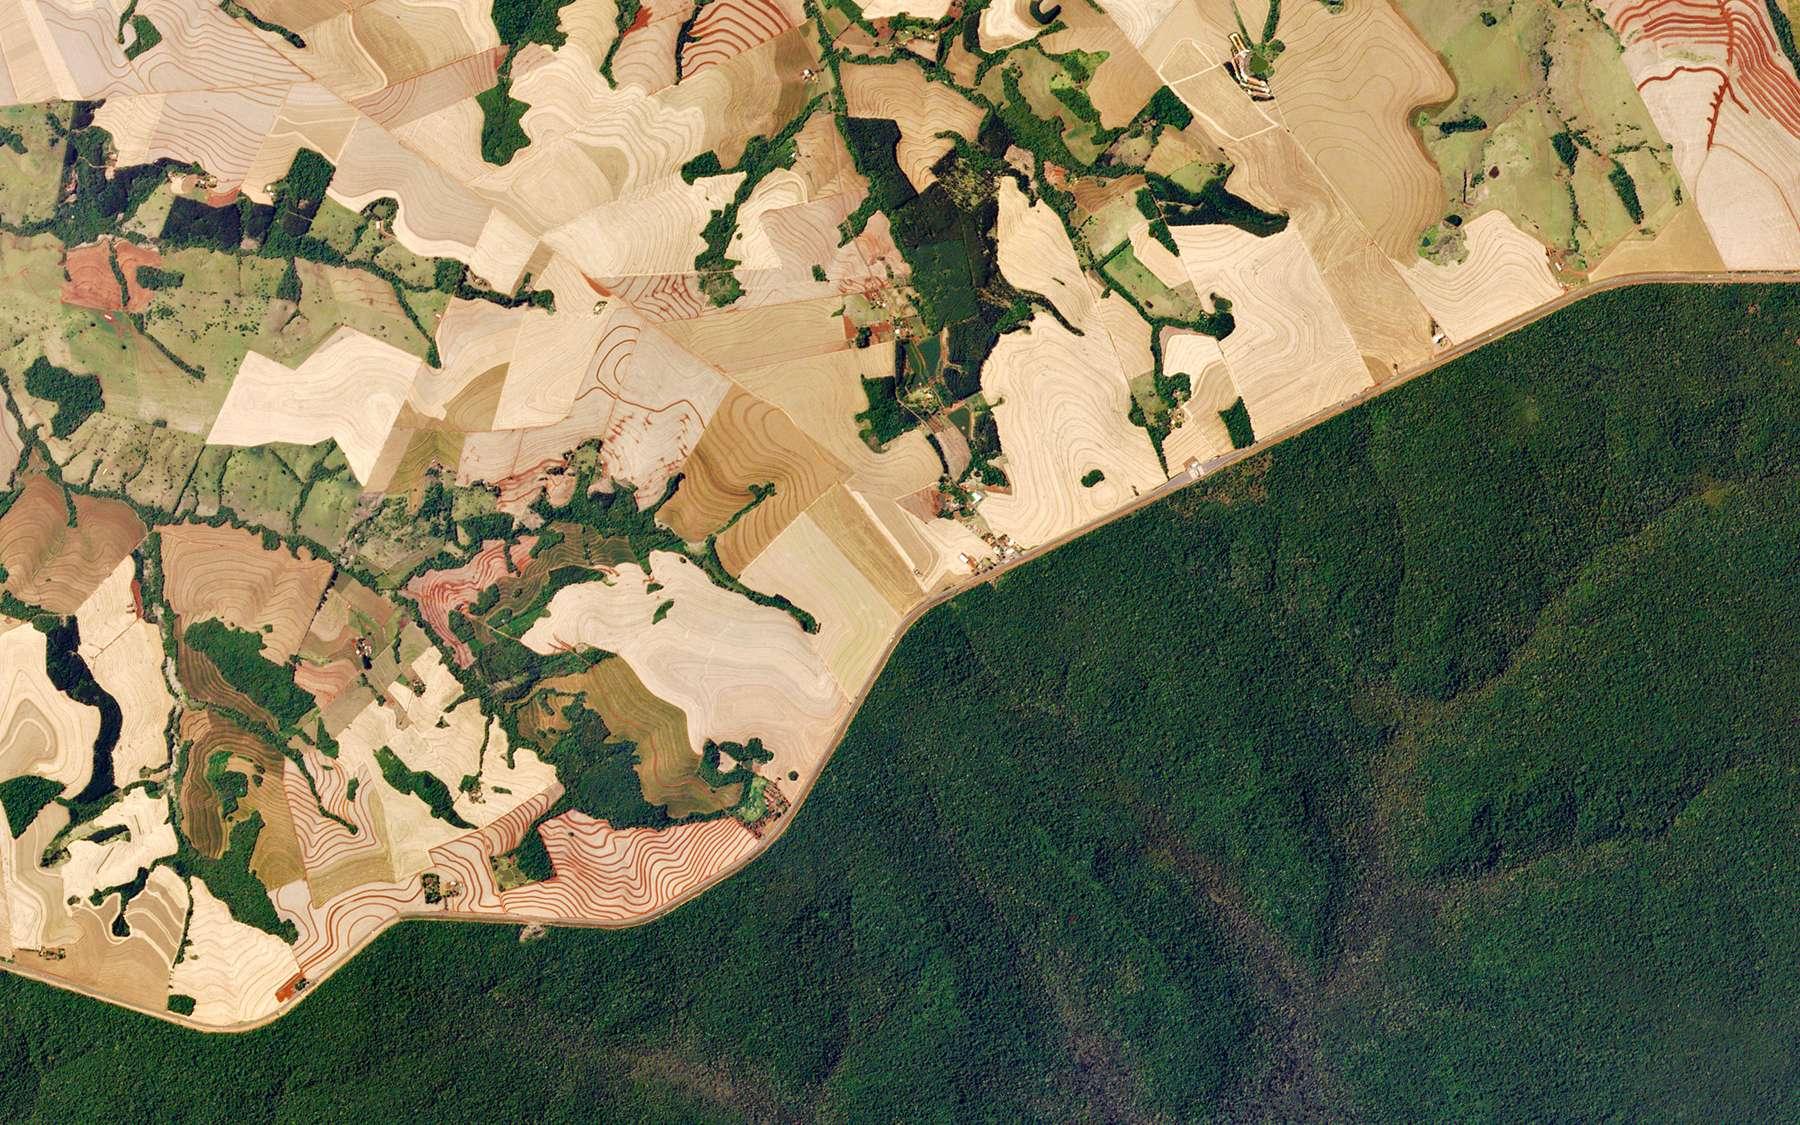 La route 277 traverse l'État de Paraná, dans le sud du Brésil, divisant la forêt luxuriante du parc national d'Iguazú en une mosaïque de fermes de canne à sucre labourées. © 2018 Planet Labs, Inc.